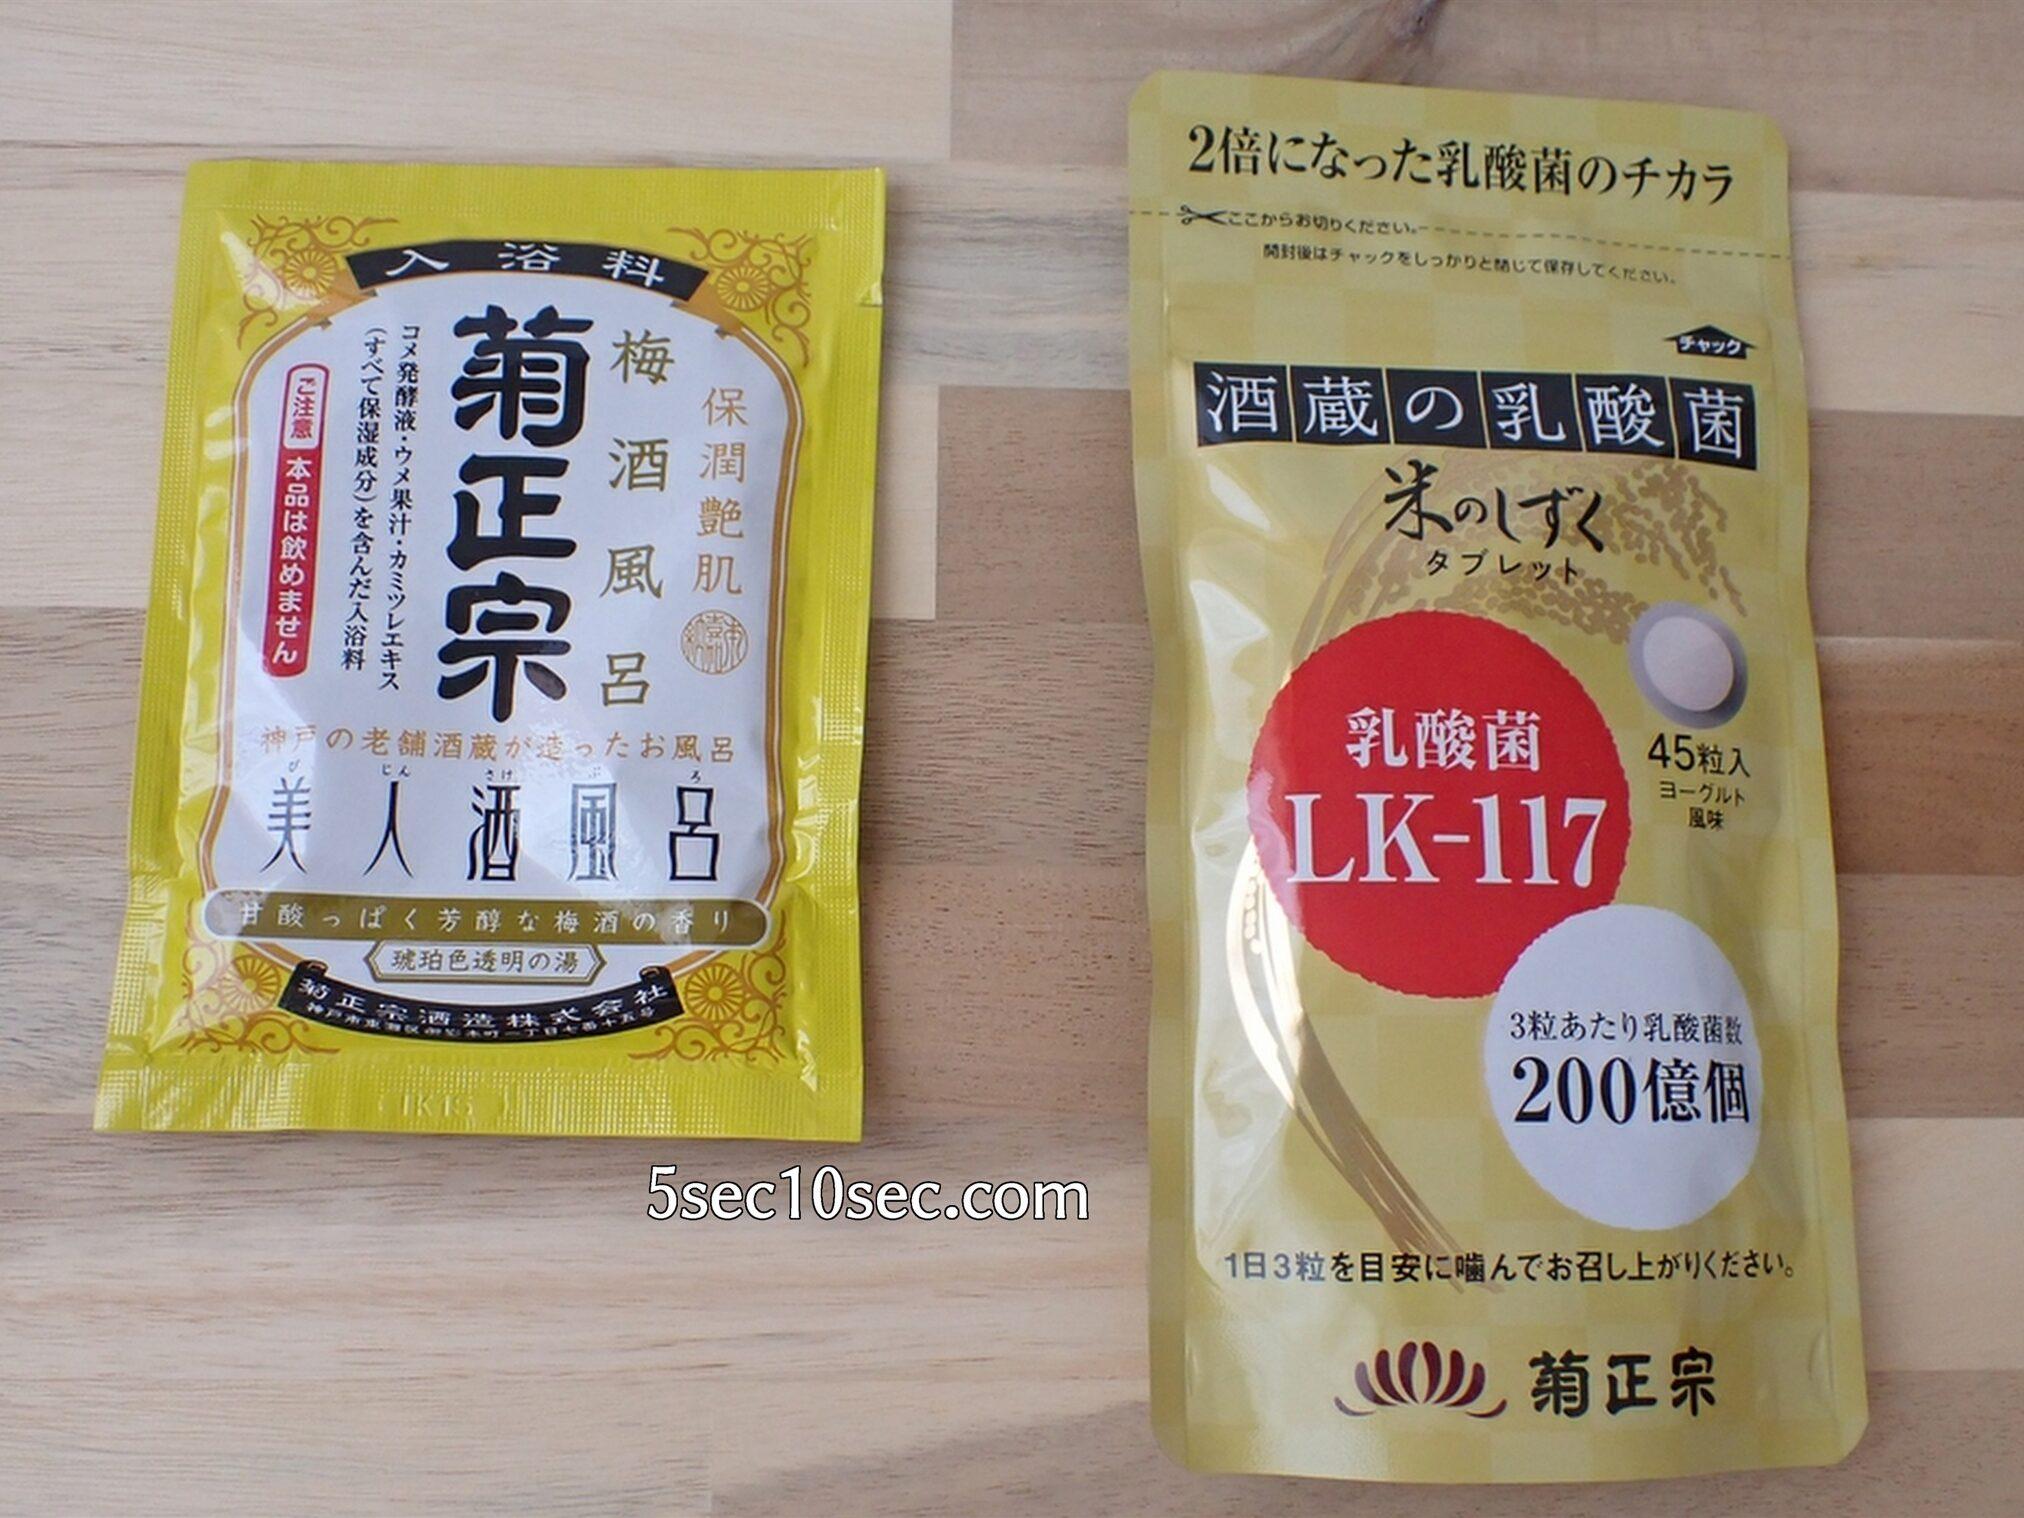 菊正宗酒造株式会社 乳酸菌「LK-117」配合 酒蔵の乳酸菌 米のしずく タブレットタイプ15日間お試しセットにも入浴剤がプレゼントでついていました